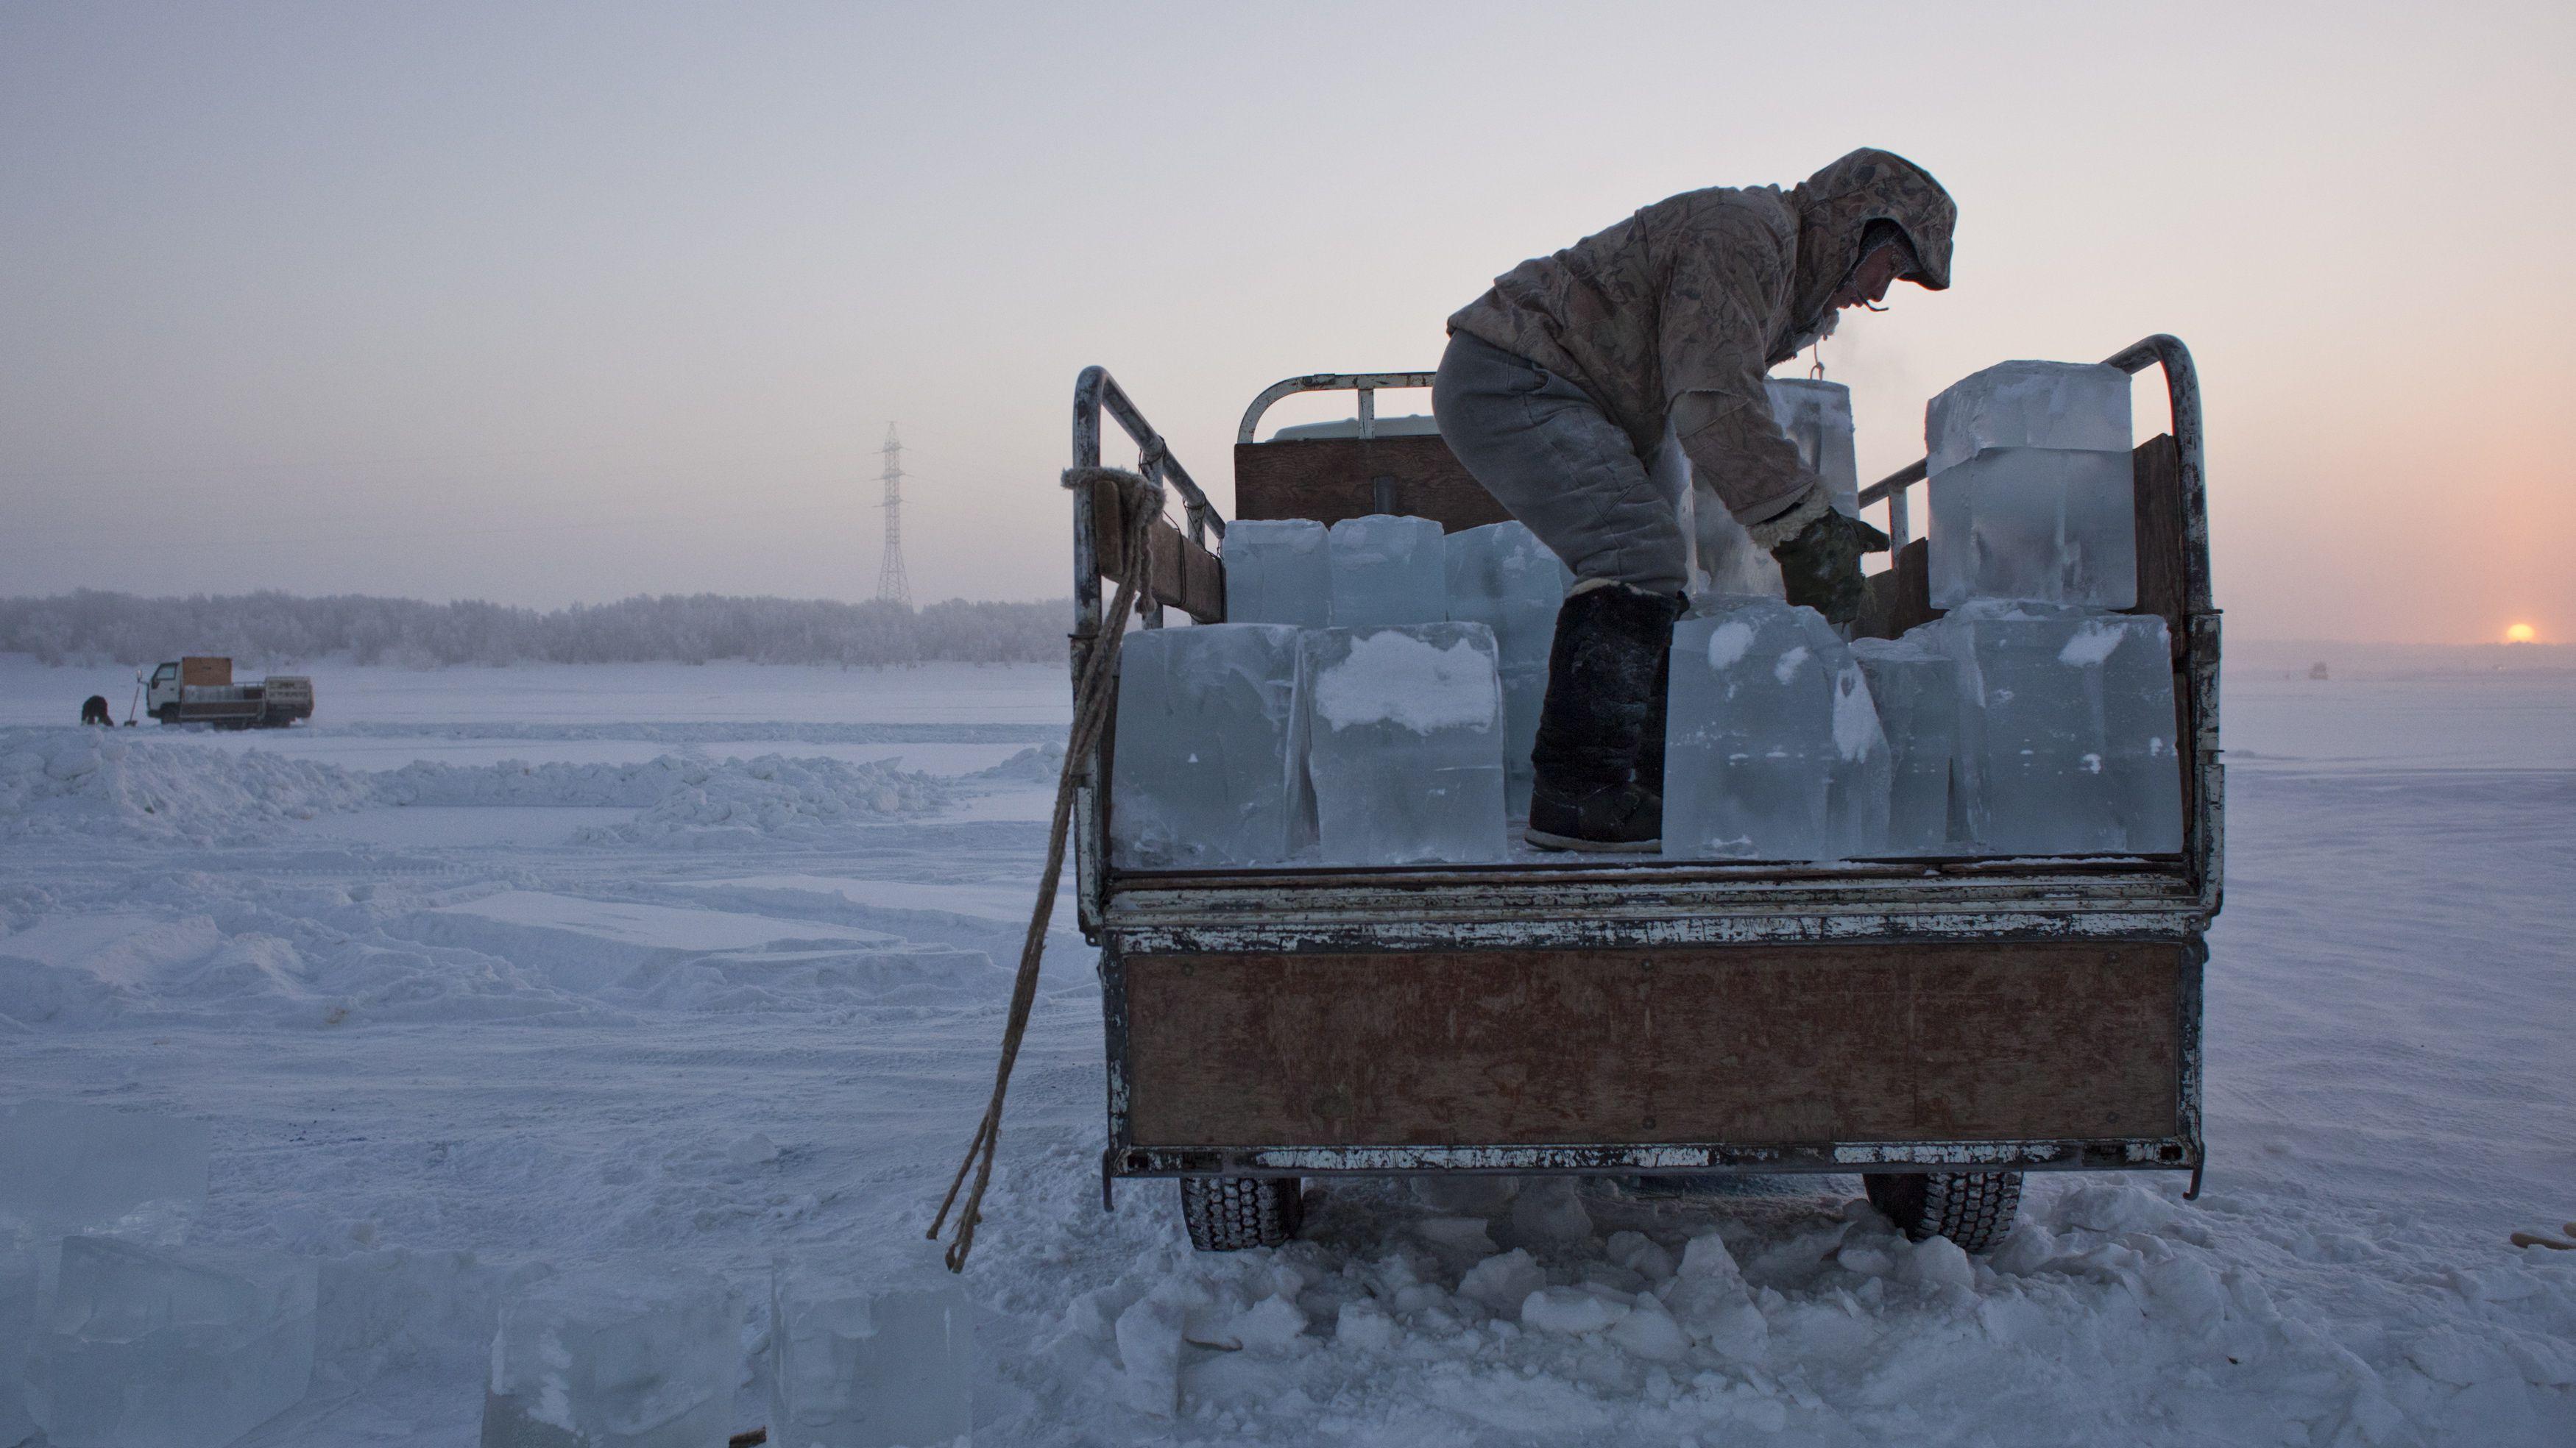 A man blocks of ice onto a truck outside Yakutsk